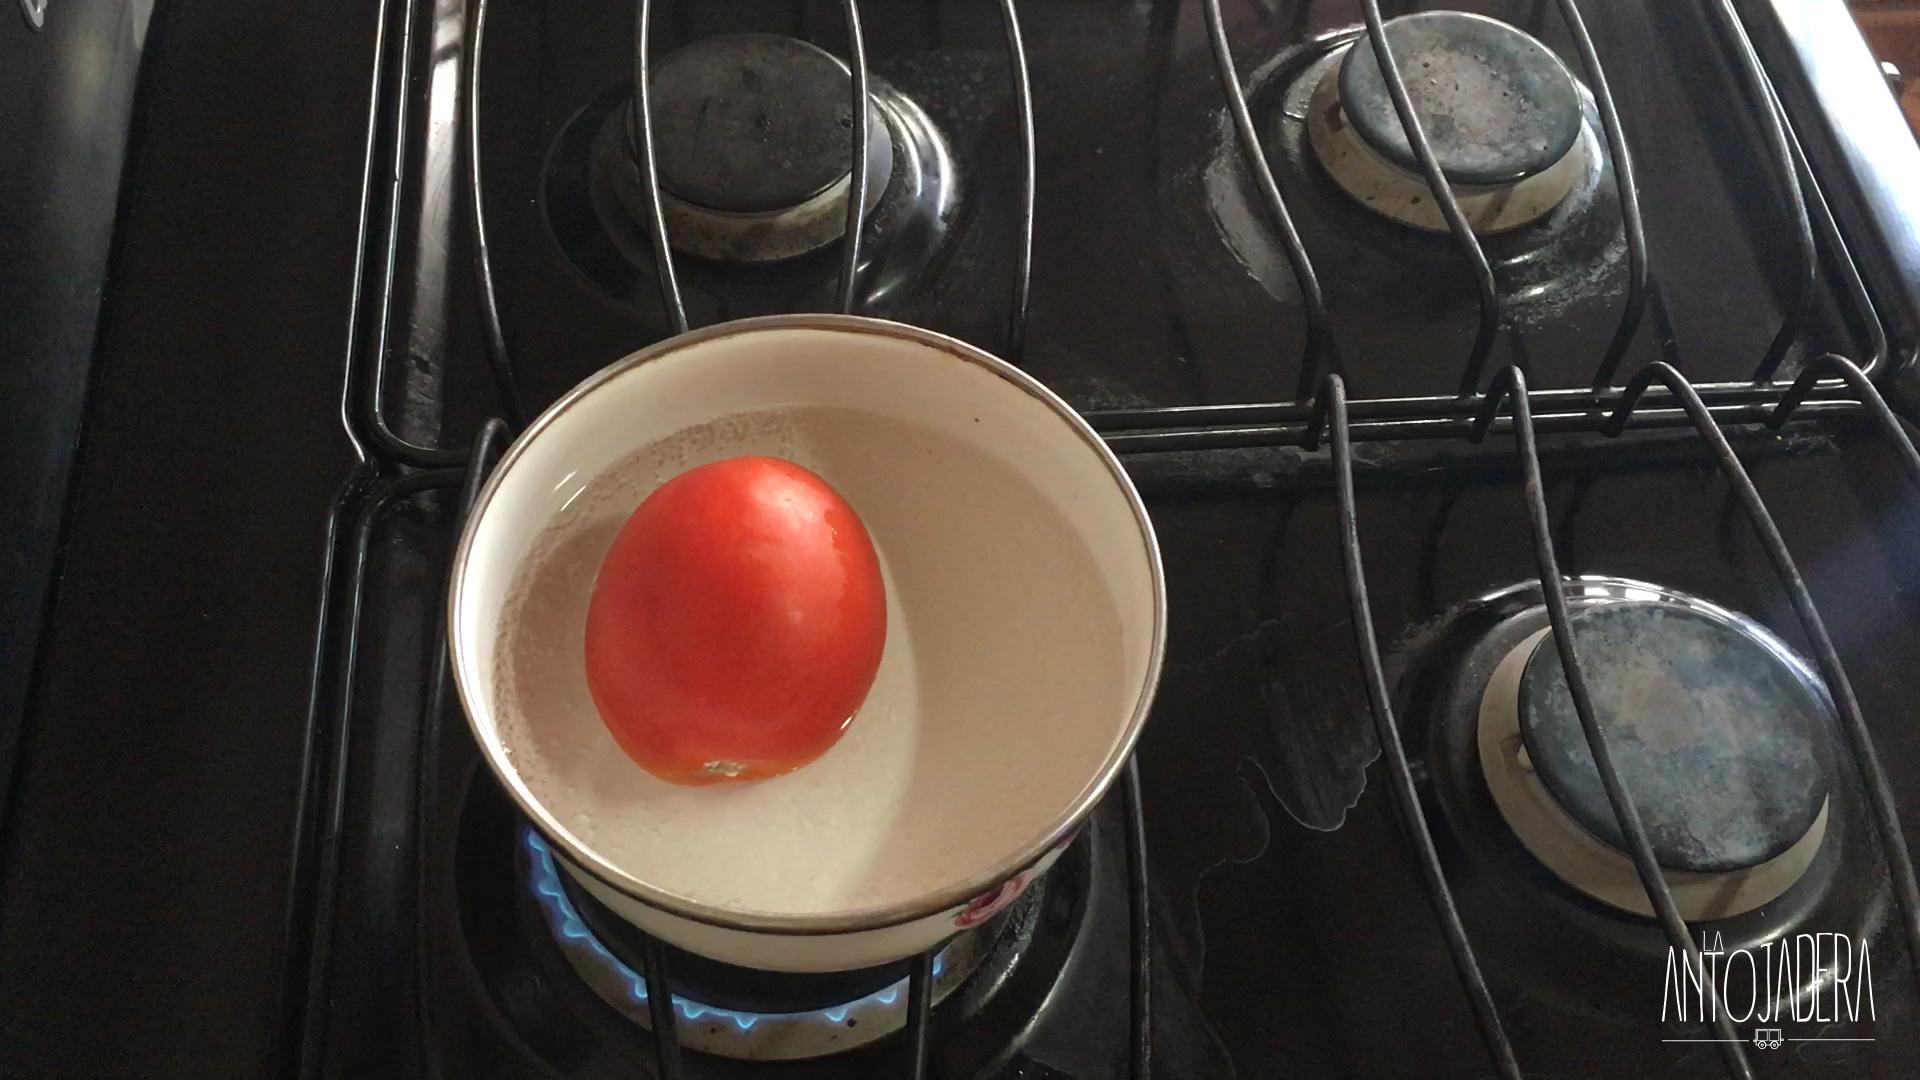 La Antojadera | Salsa de Tomate